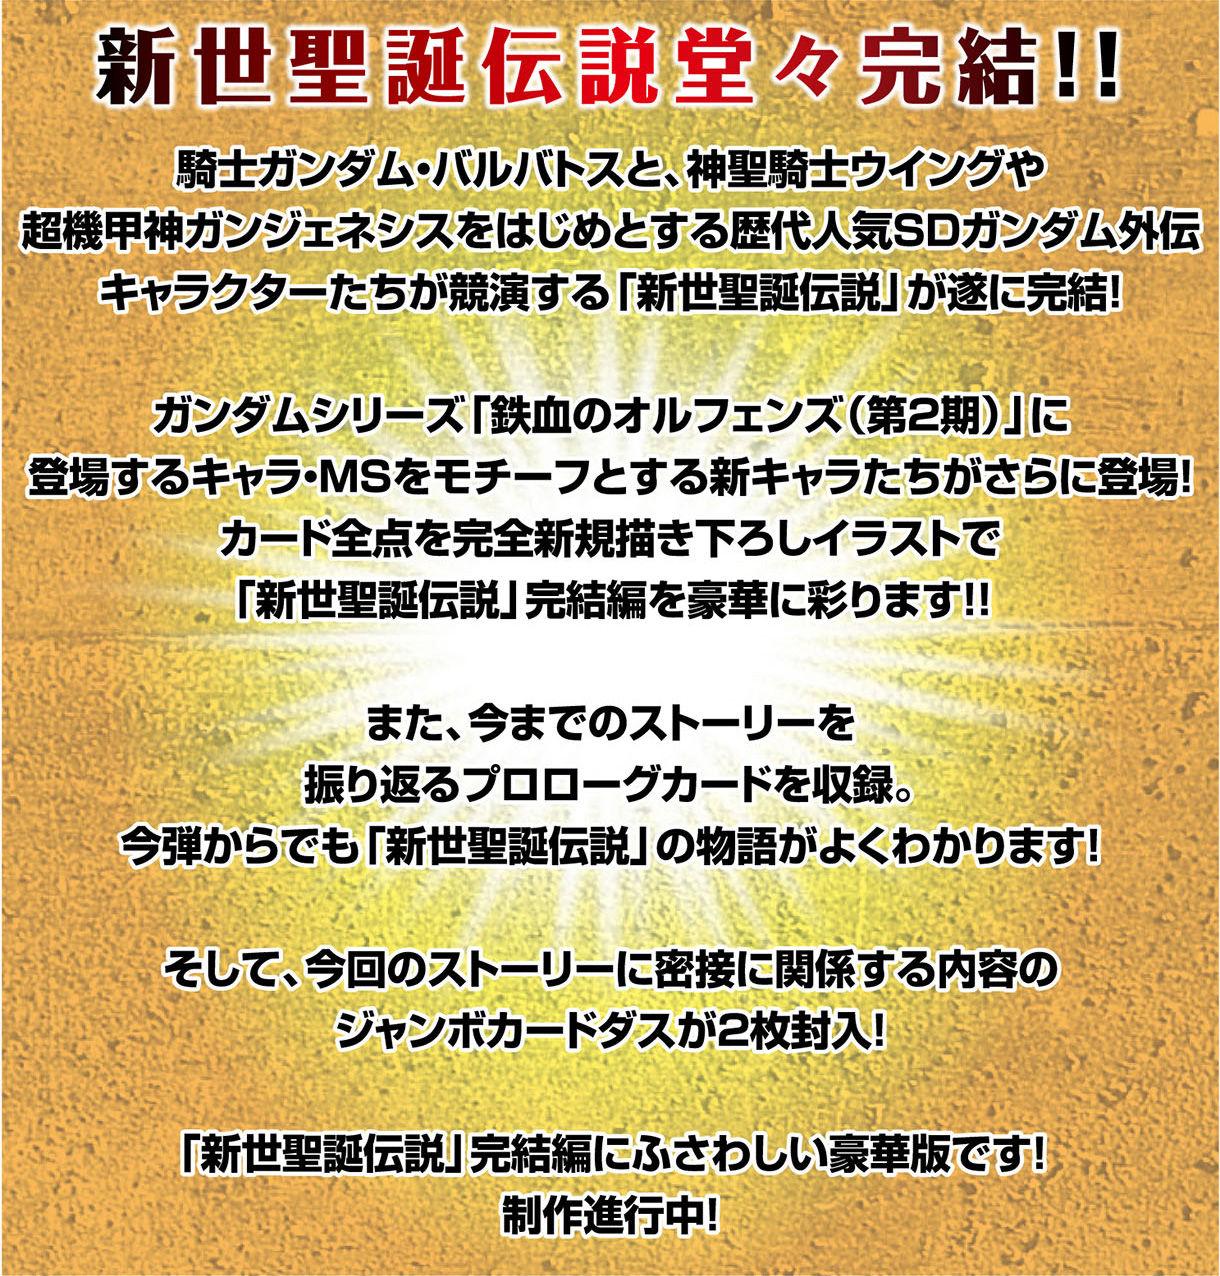 新約SDガンダム外伝 新世聖誕伝説 新世聖誕伝説堂々完結!!